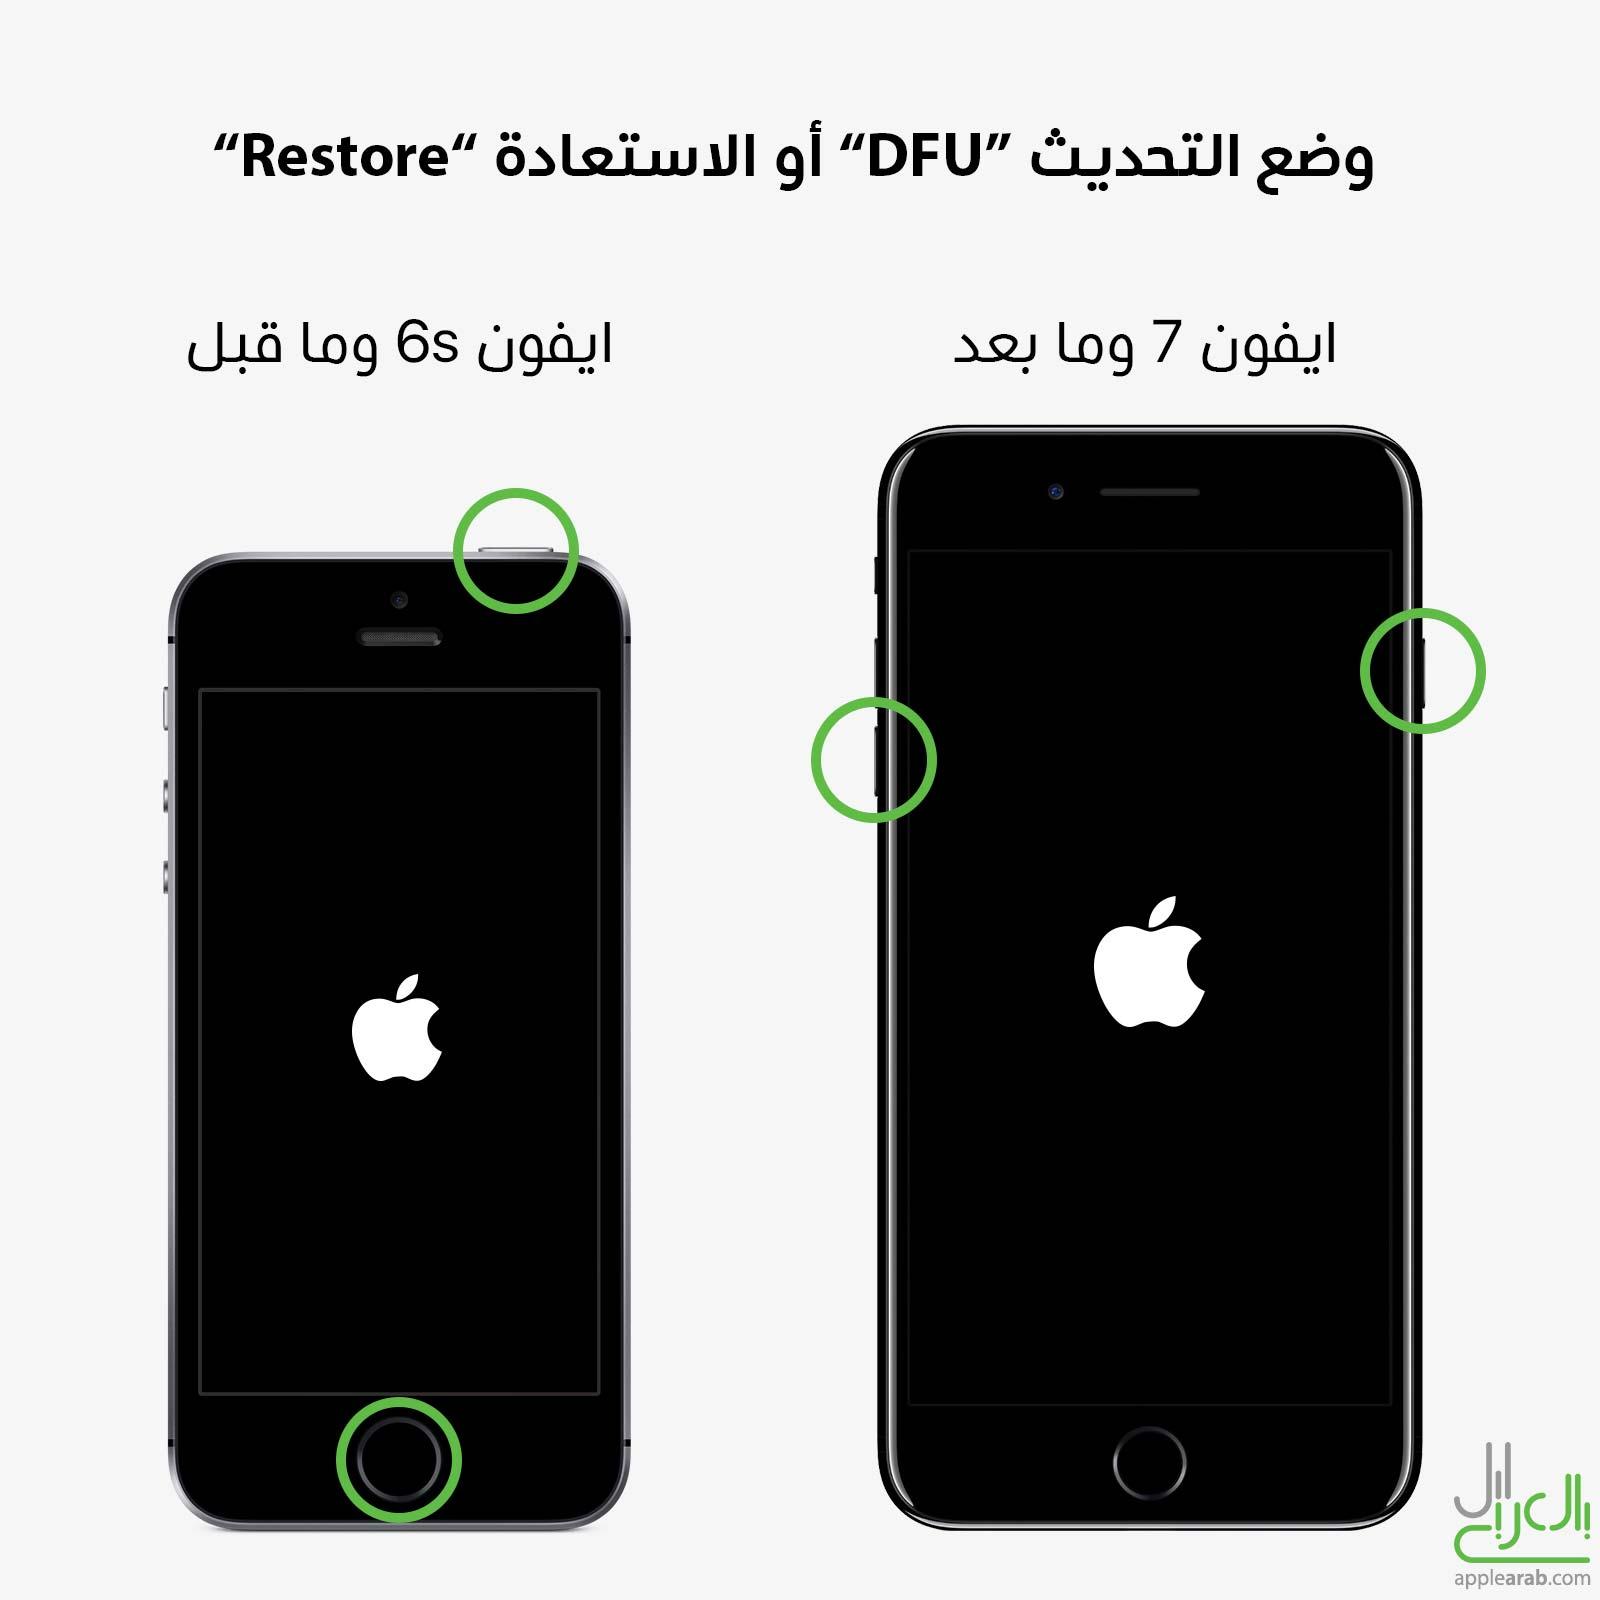 كيفية جعل الايفون في وضع التحديث DFU أو الاستعادة Restore